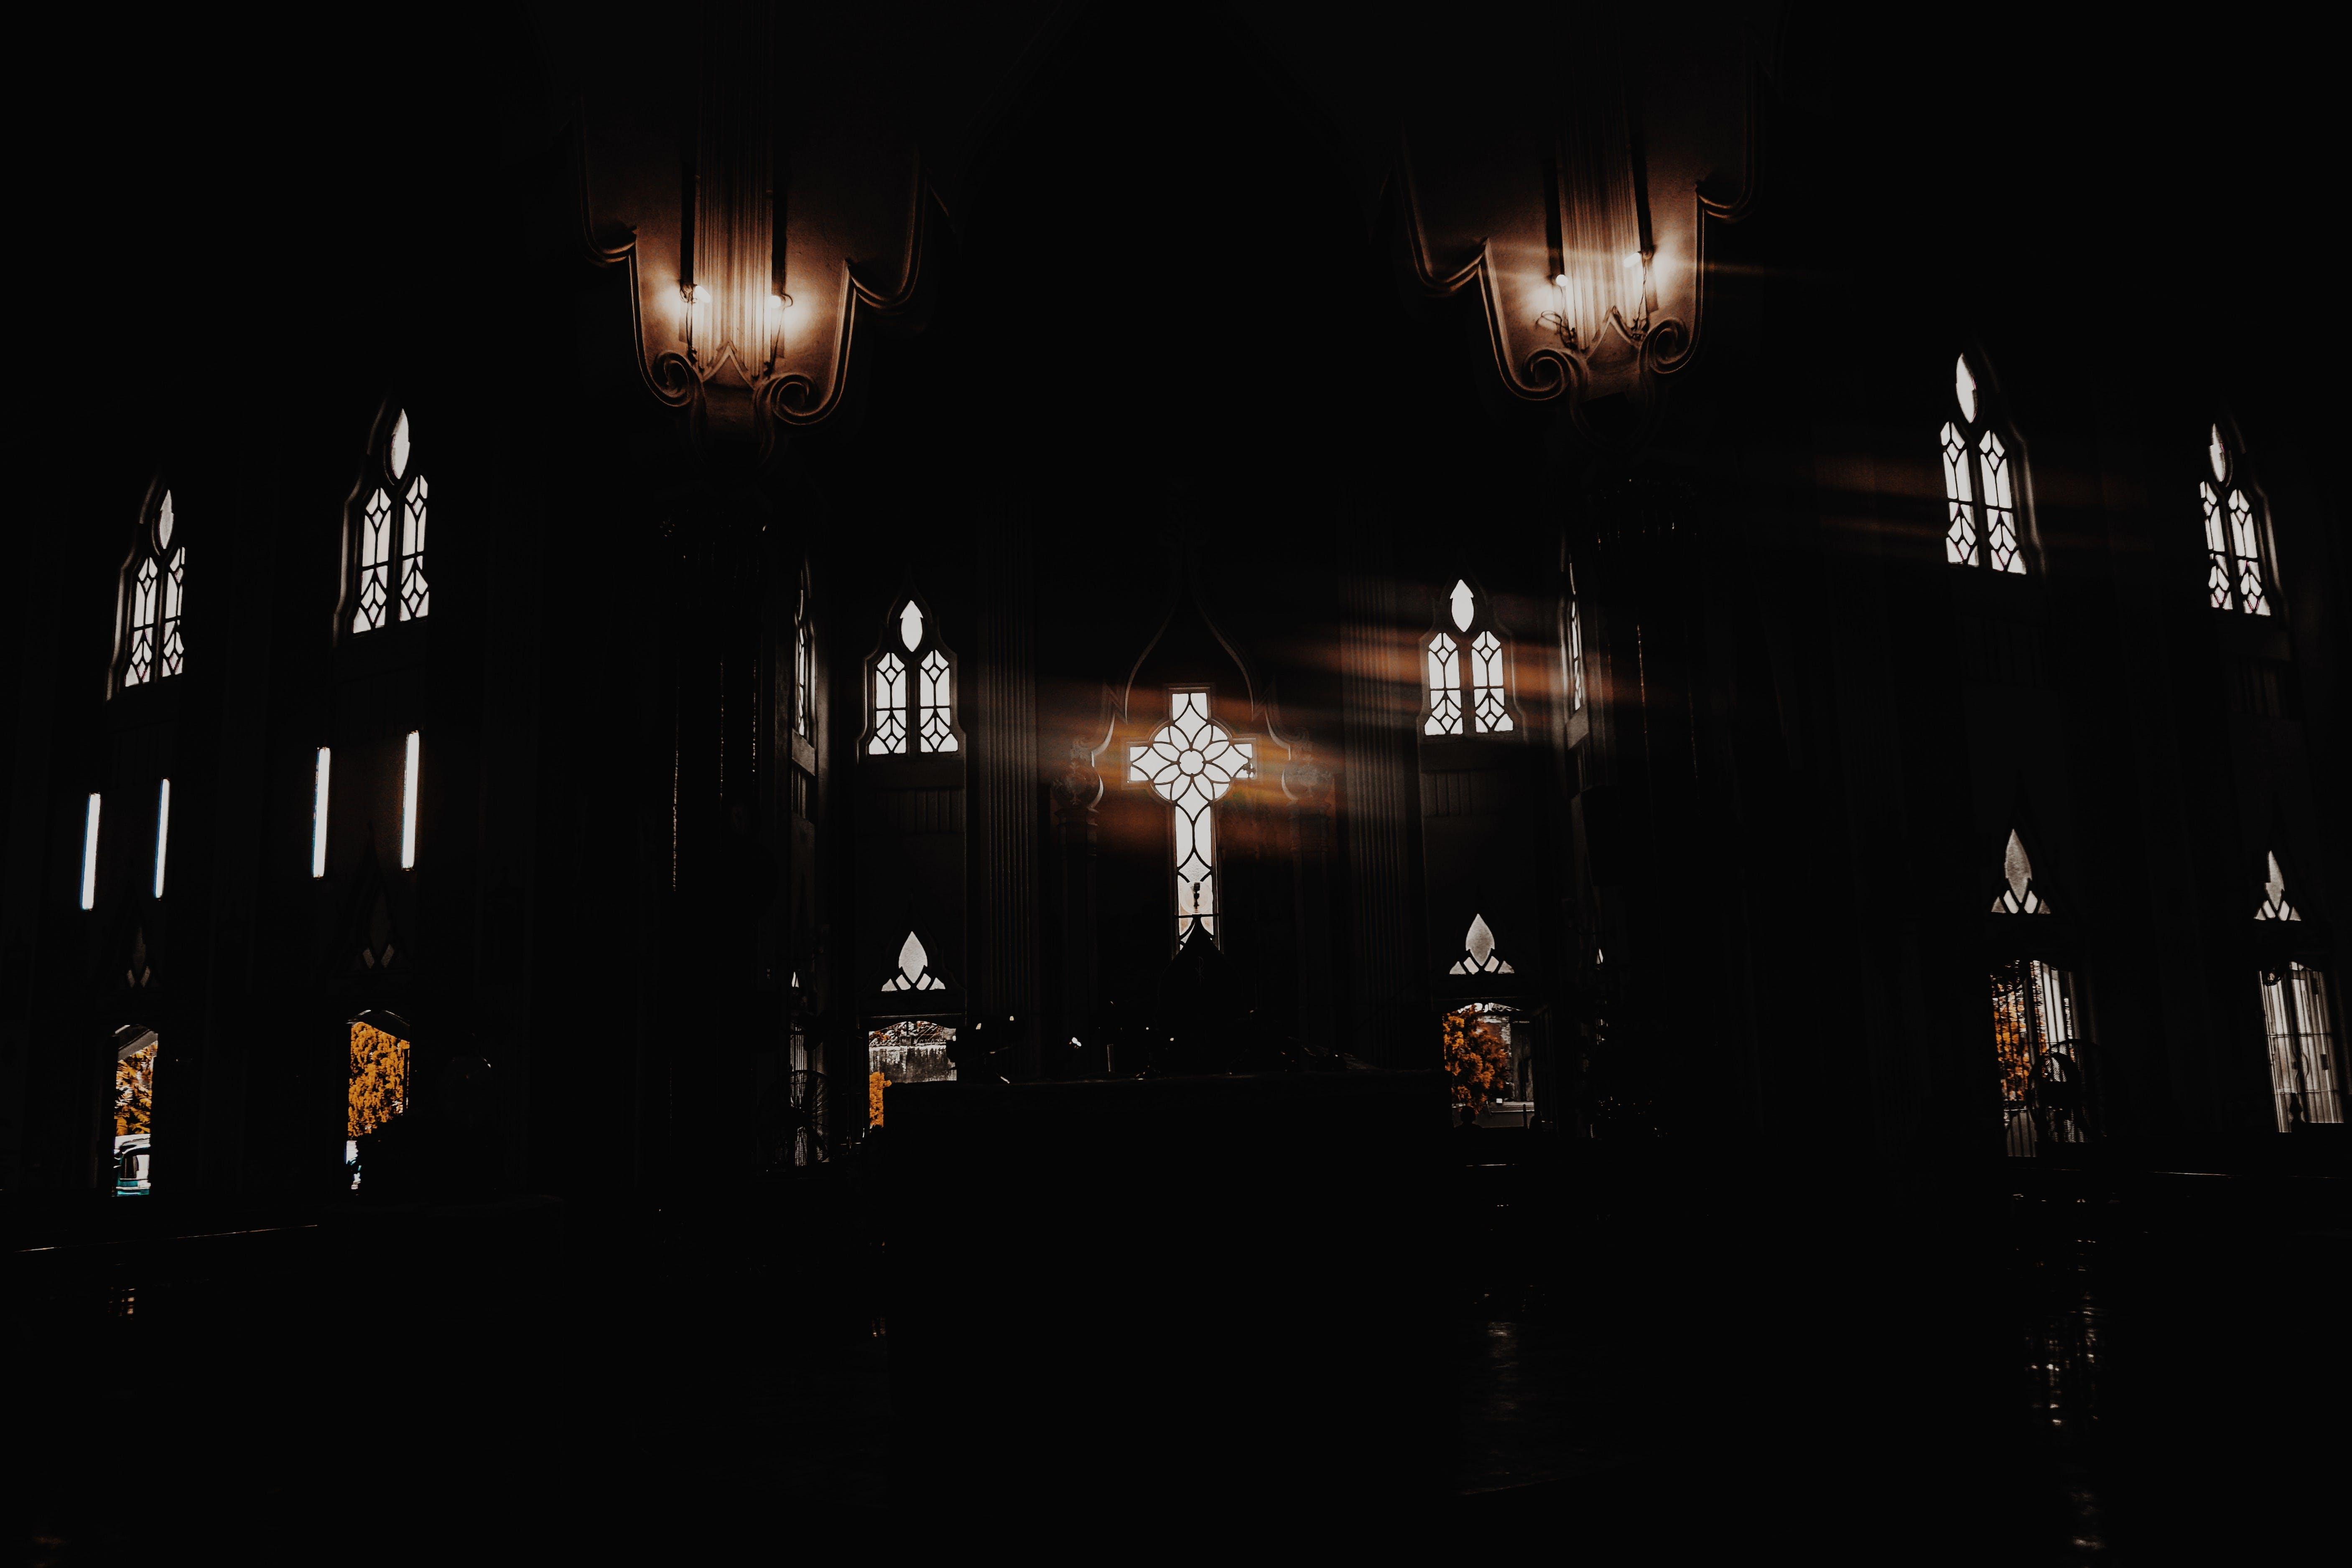 Kostnadsfri bild av Gud, ljus, rum, svart